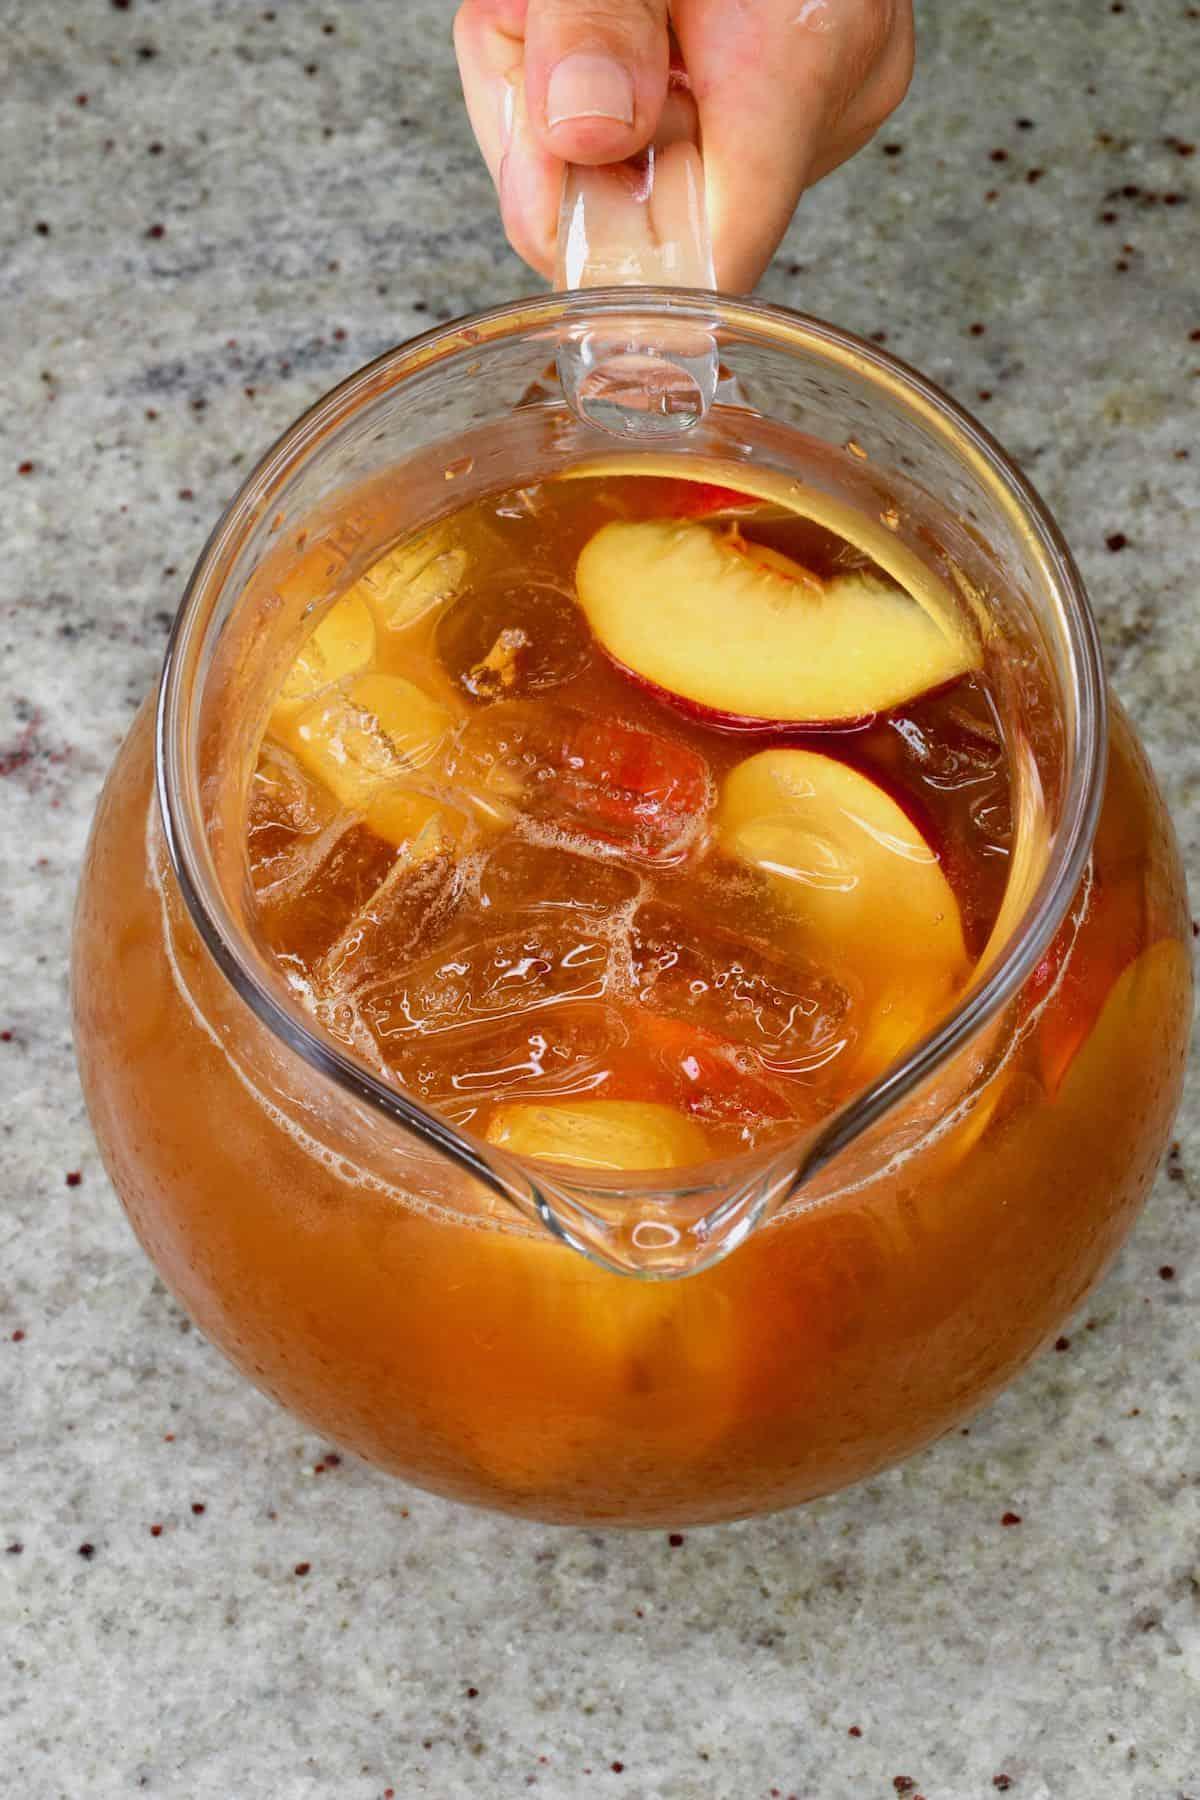 A pitcher with peach iced tea